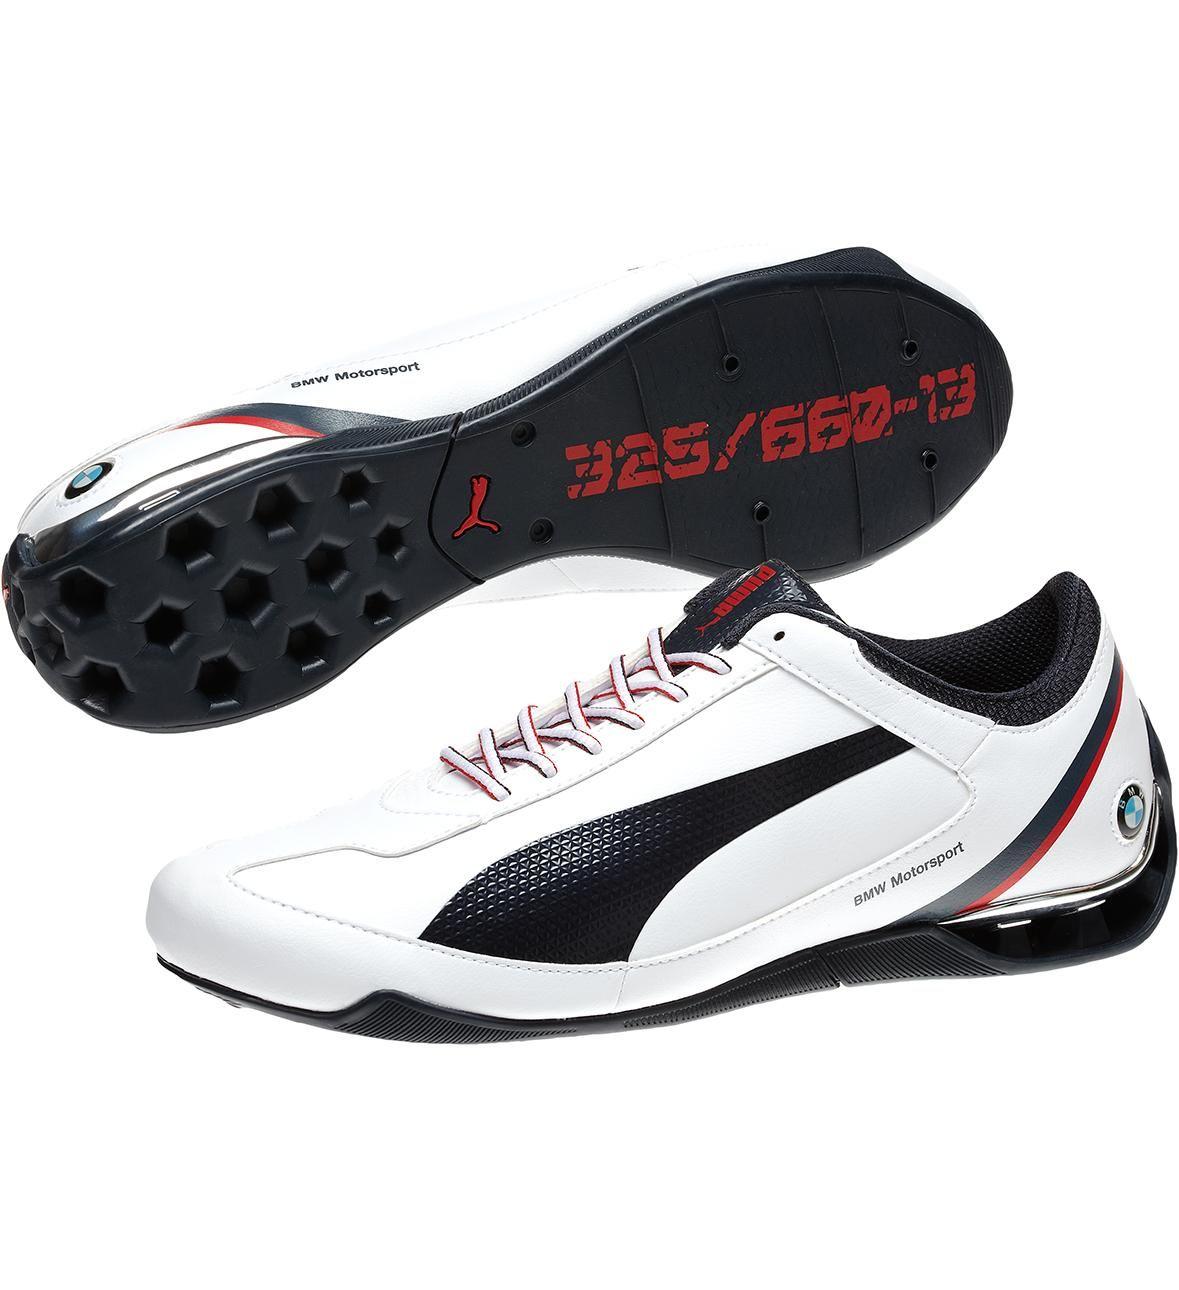 Buty Meskie Puma Bmw Power Race 39 44 5 Motorsport 7641399668 Oficjalne Archiwum Allegro Zapatillas Puma Zapatillas Puma